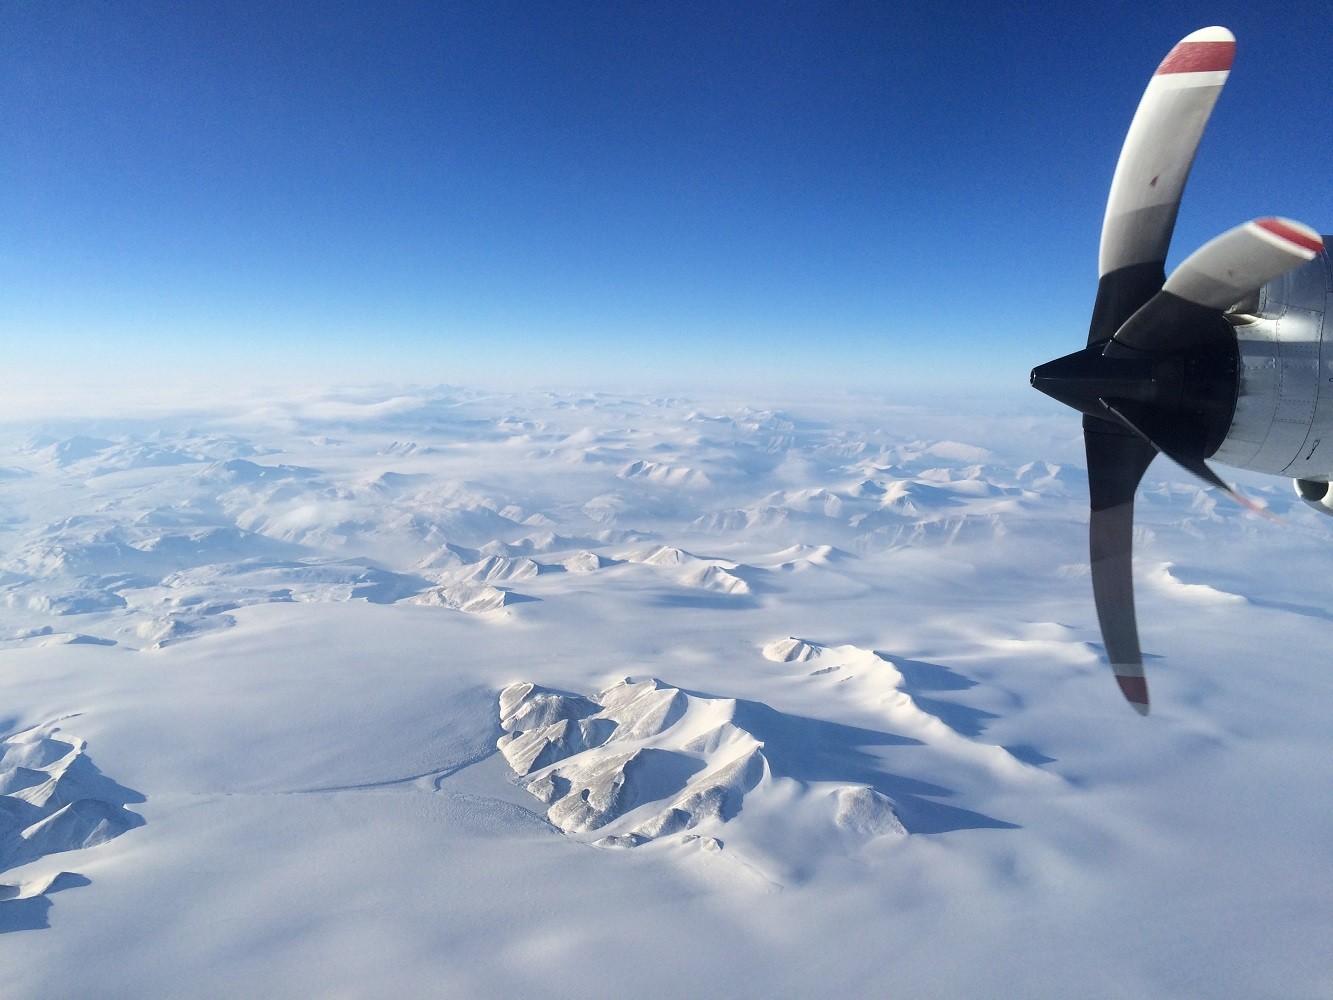 Greenland snowy mountains from NASA's P3. Photo: Caitlin Locke (LDEO)